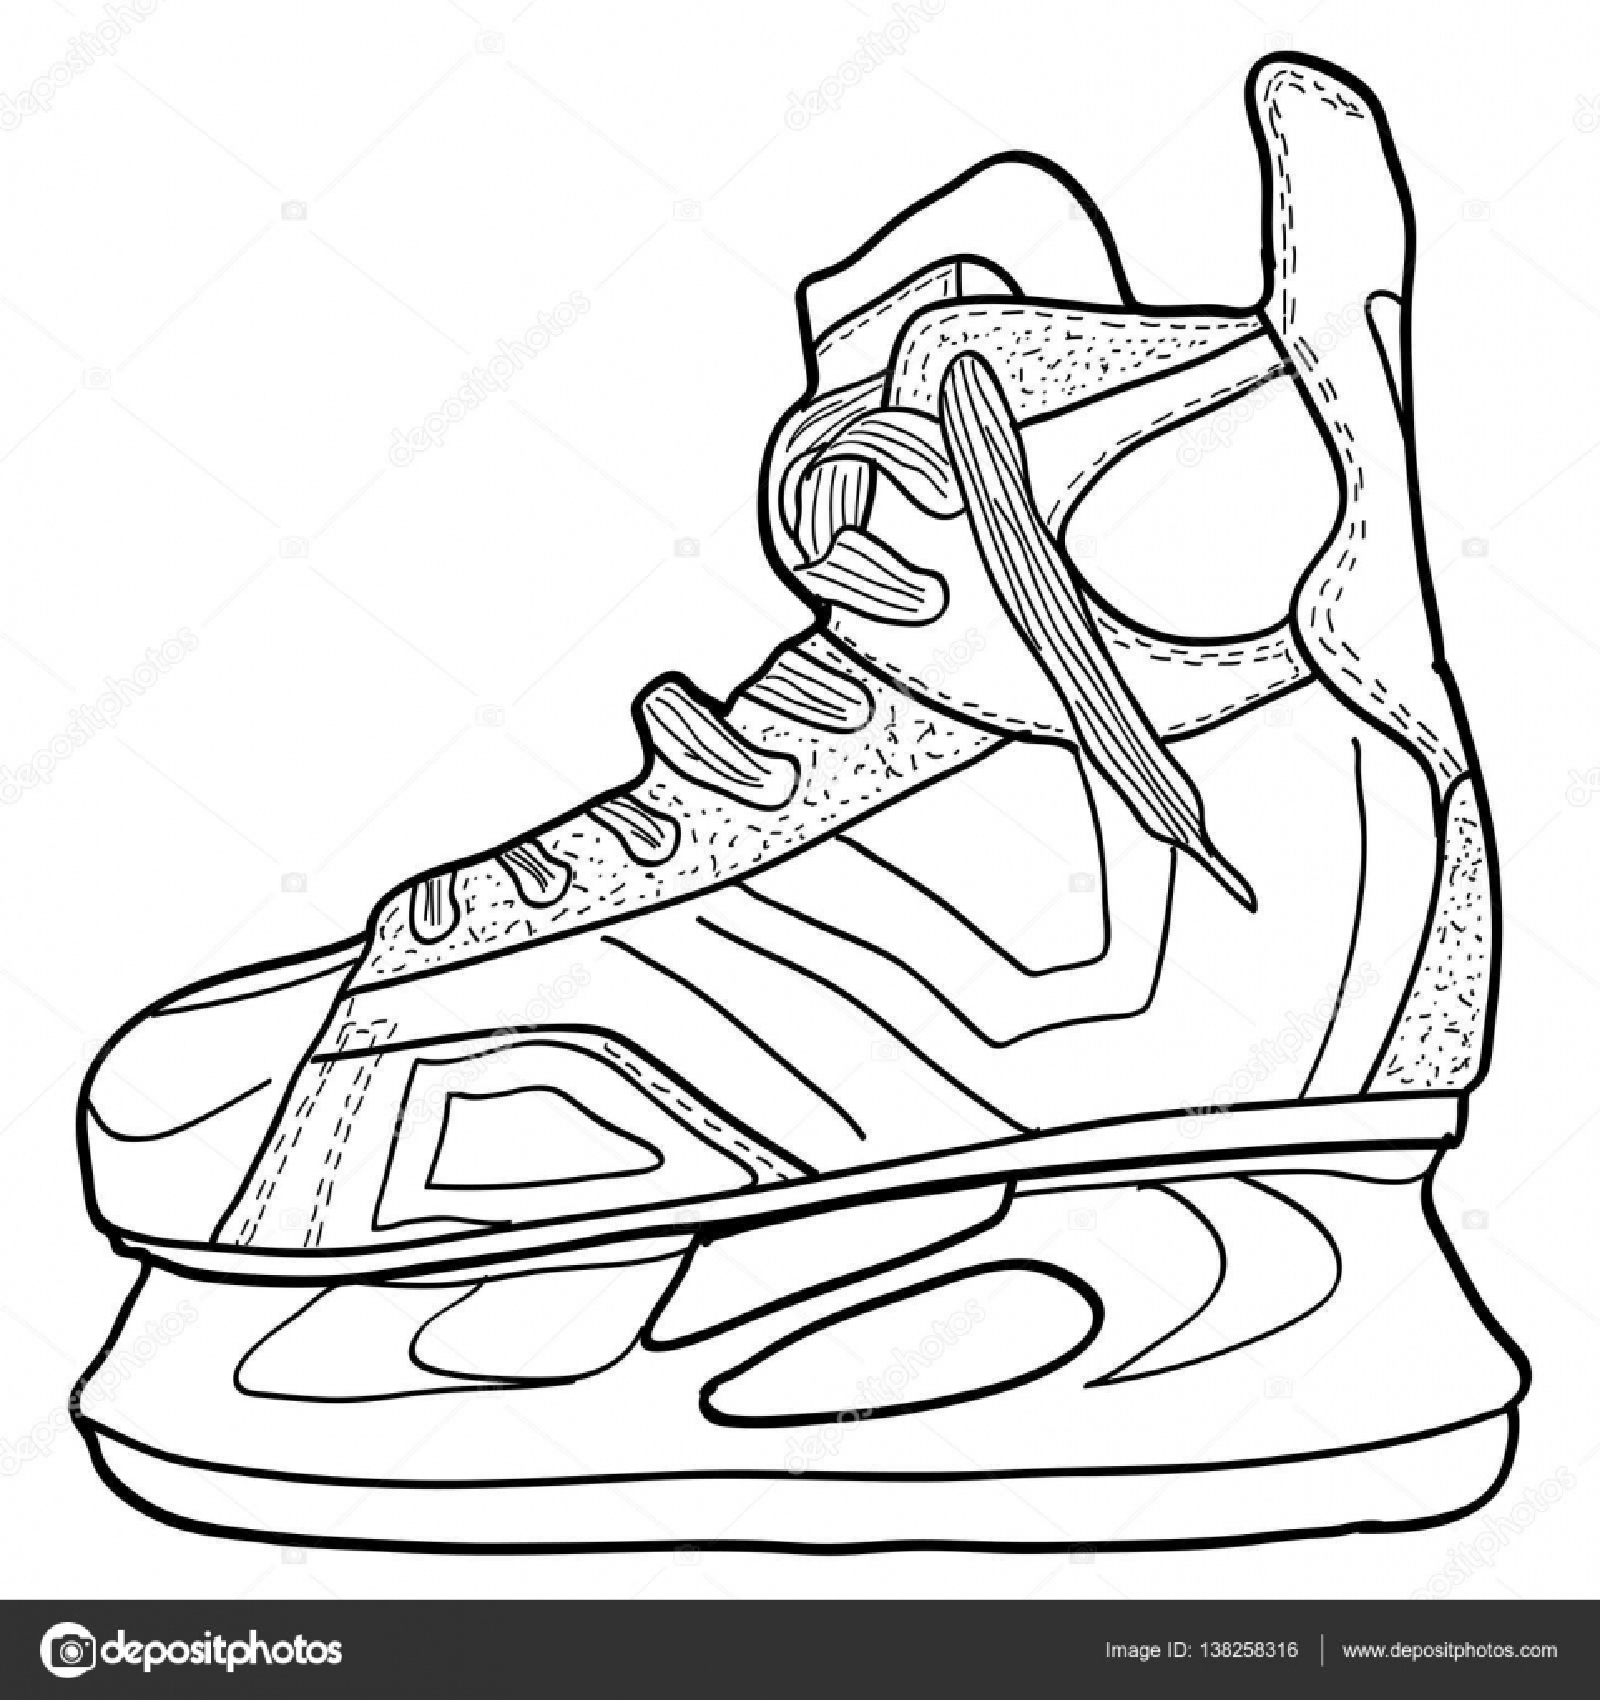 Dibujo de hockey sobre patines. Patines para jugar al hockey sobre ...